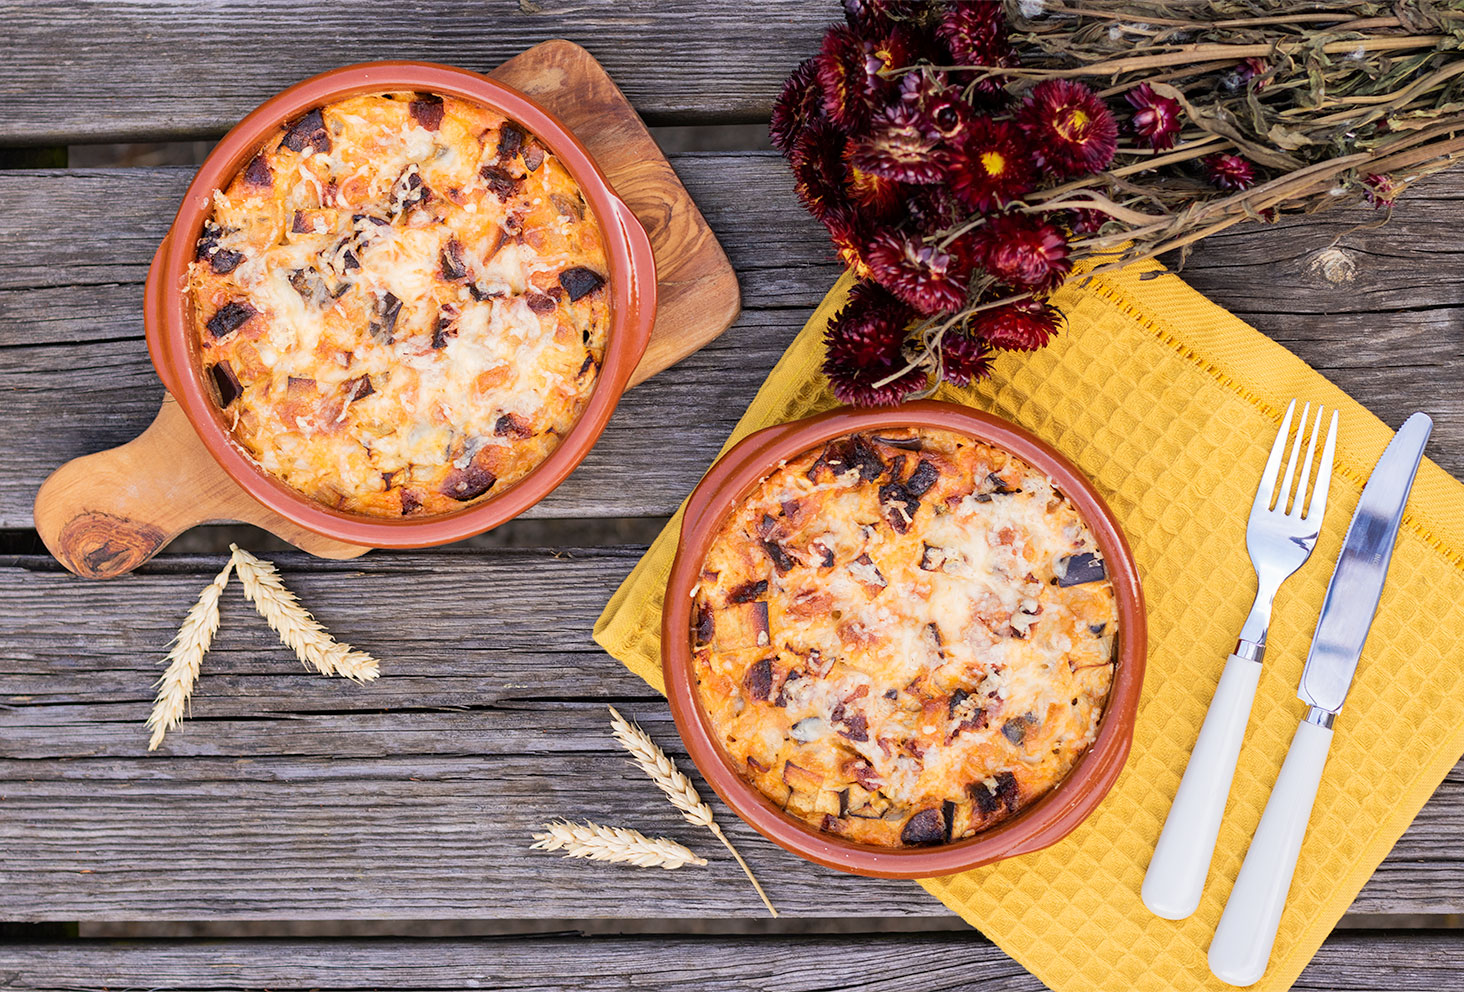 Recette du clafoutis salé aubergine et chorizo, dans des plats en terre cuite, sur une table en bois au milieu de fleurs séchées